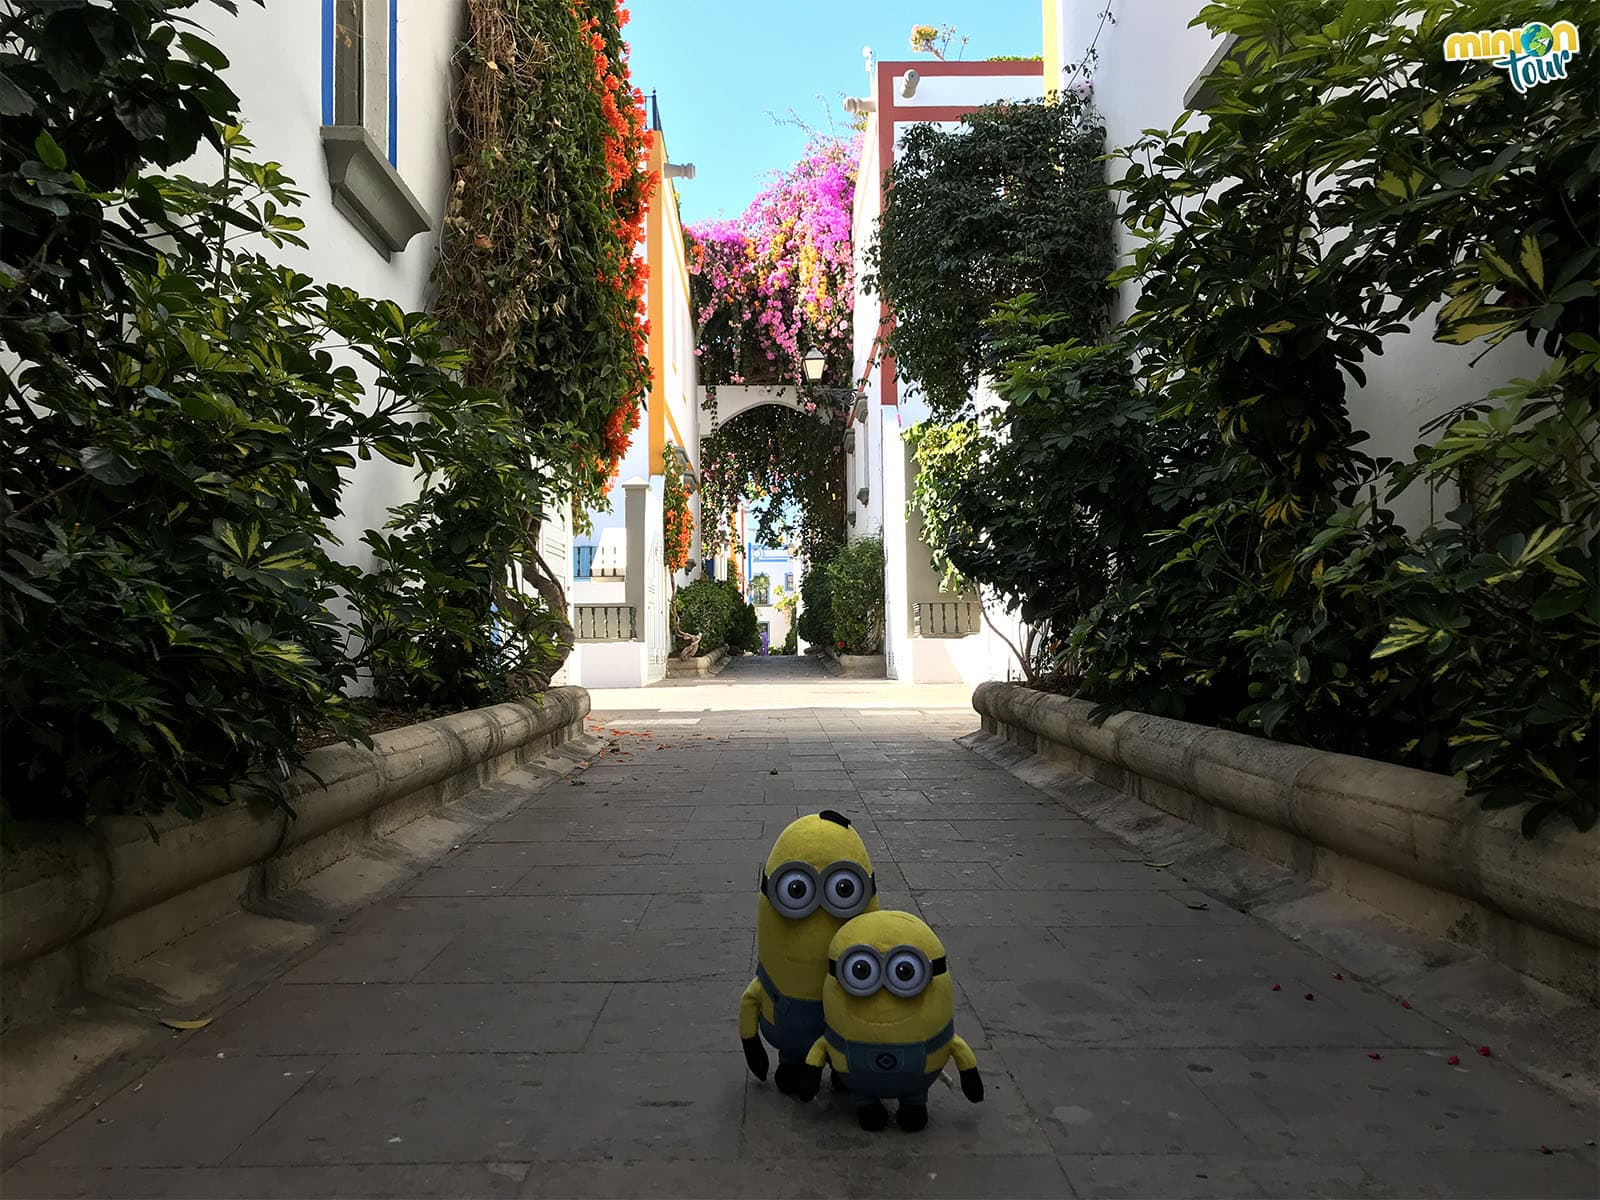 Puerto de Mogán y sus calles llenas de flores